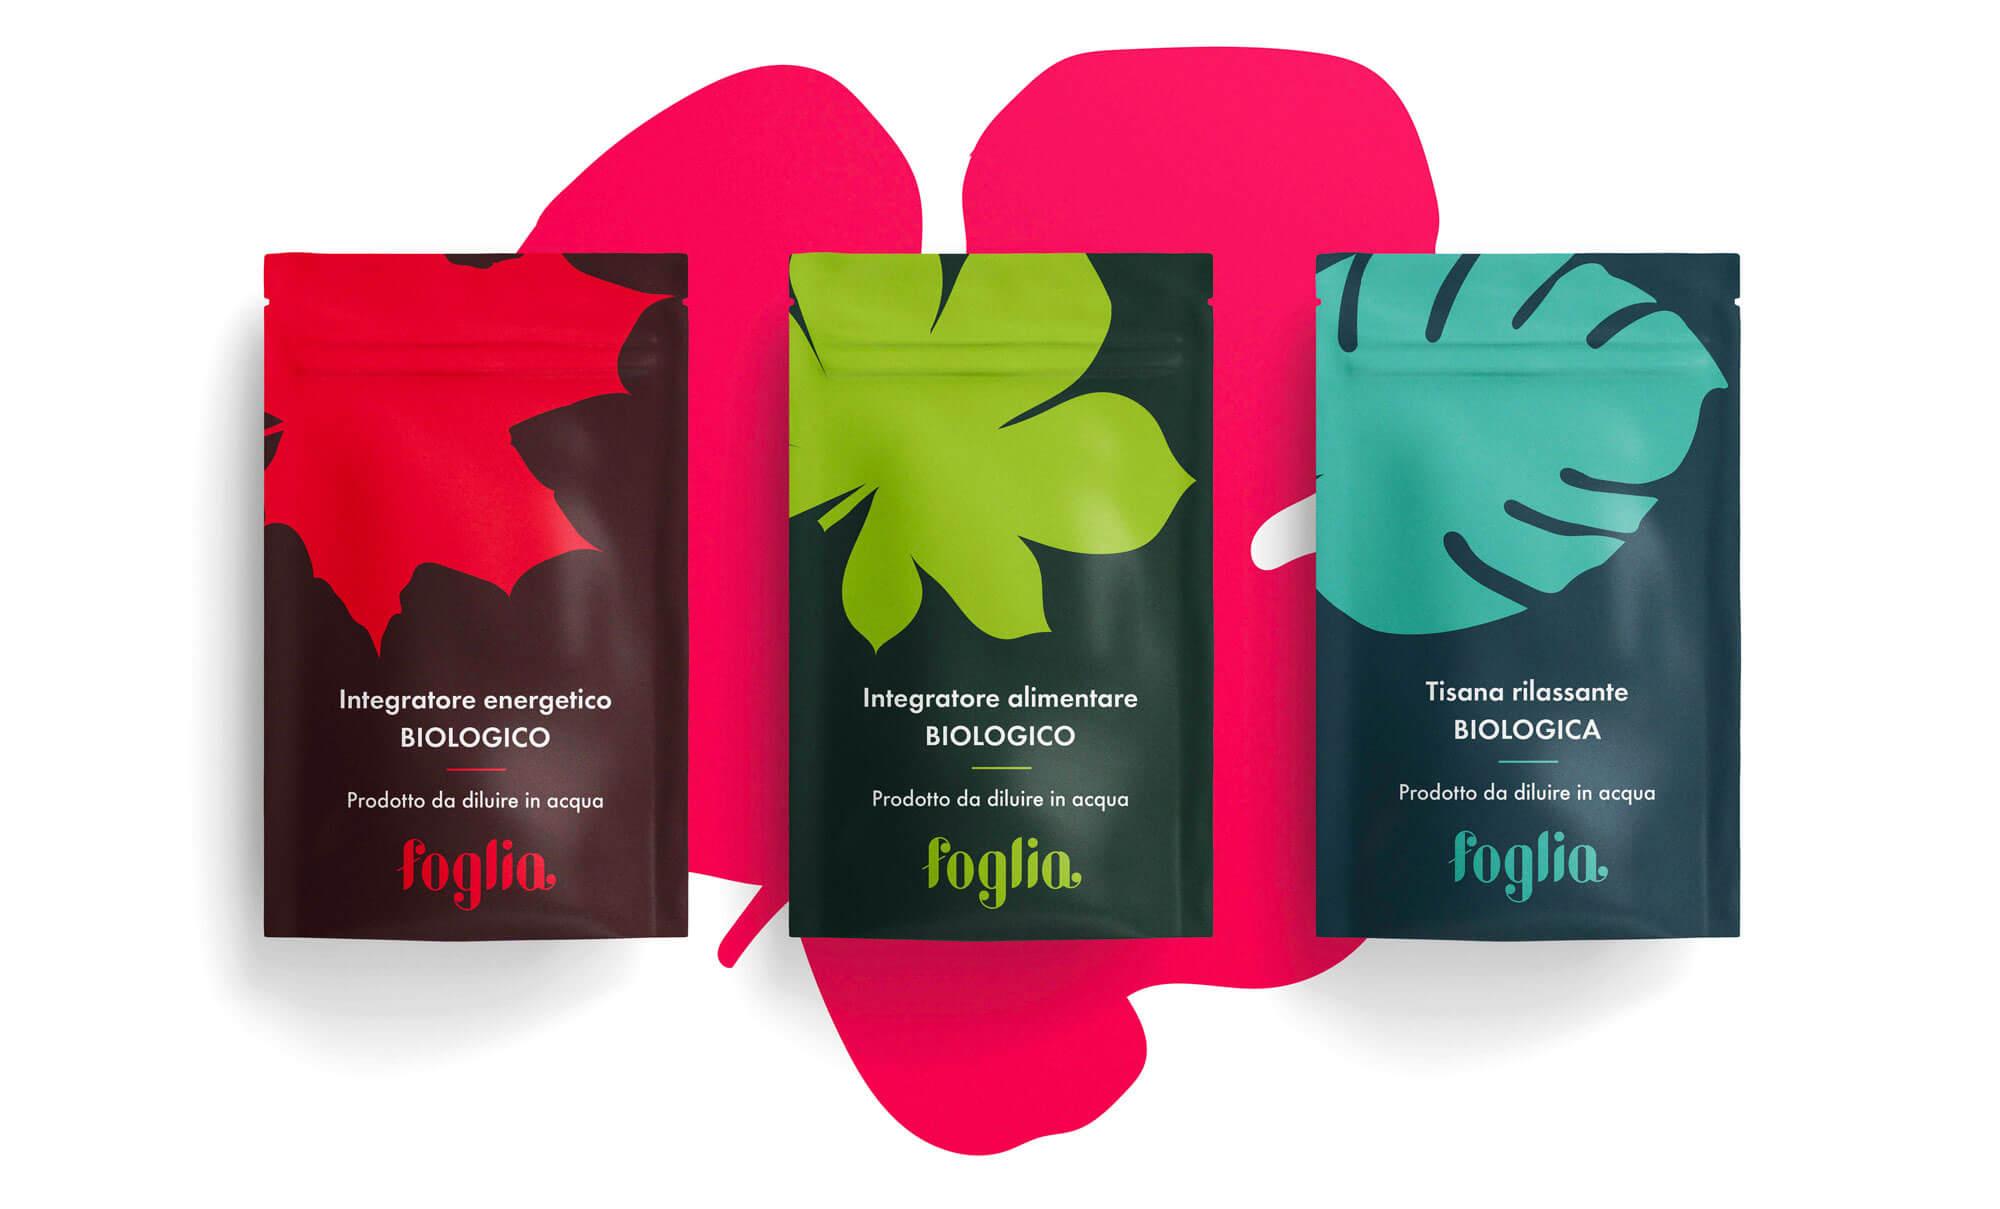 tre packagings di integratori alimentari e tisane di colore rosso, verde e blu con logo e brand identity di foglia